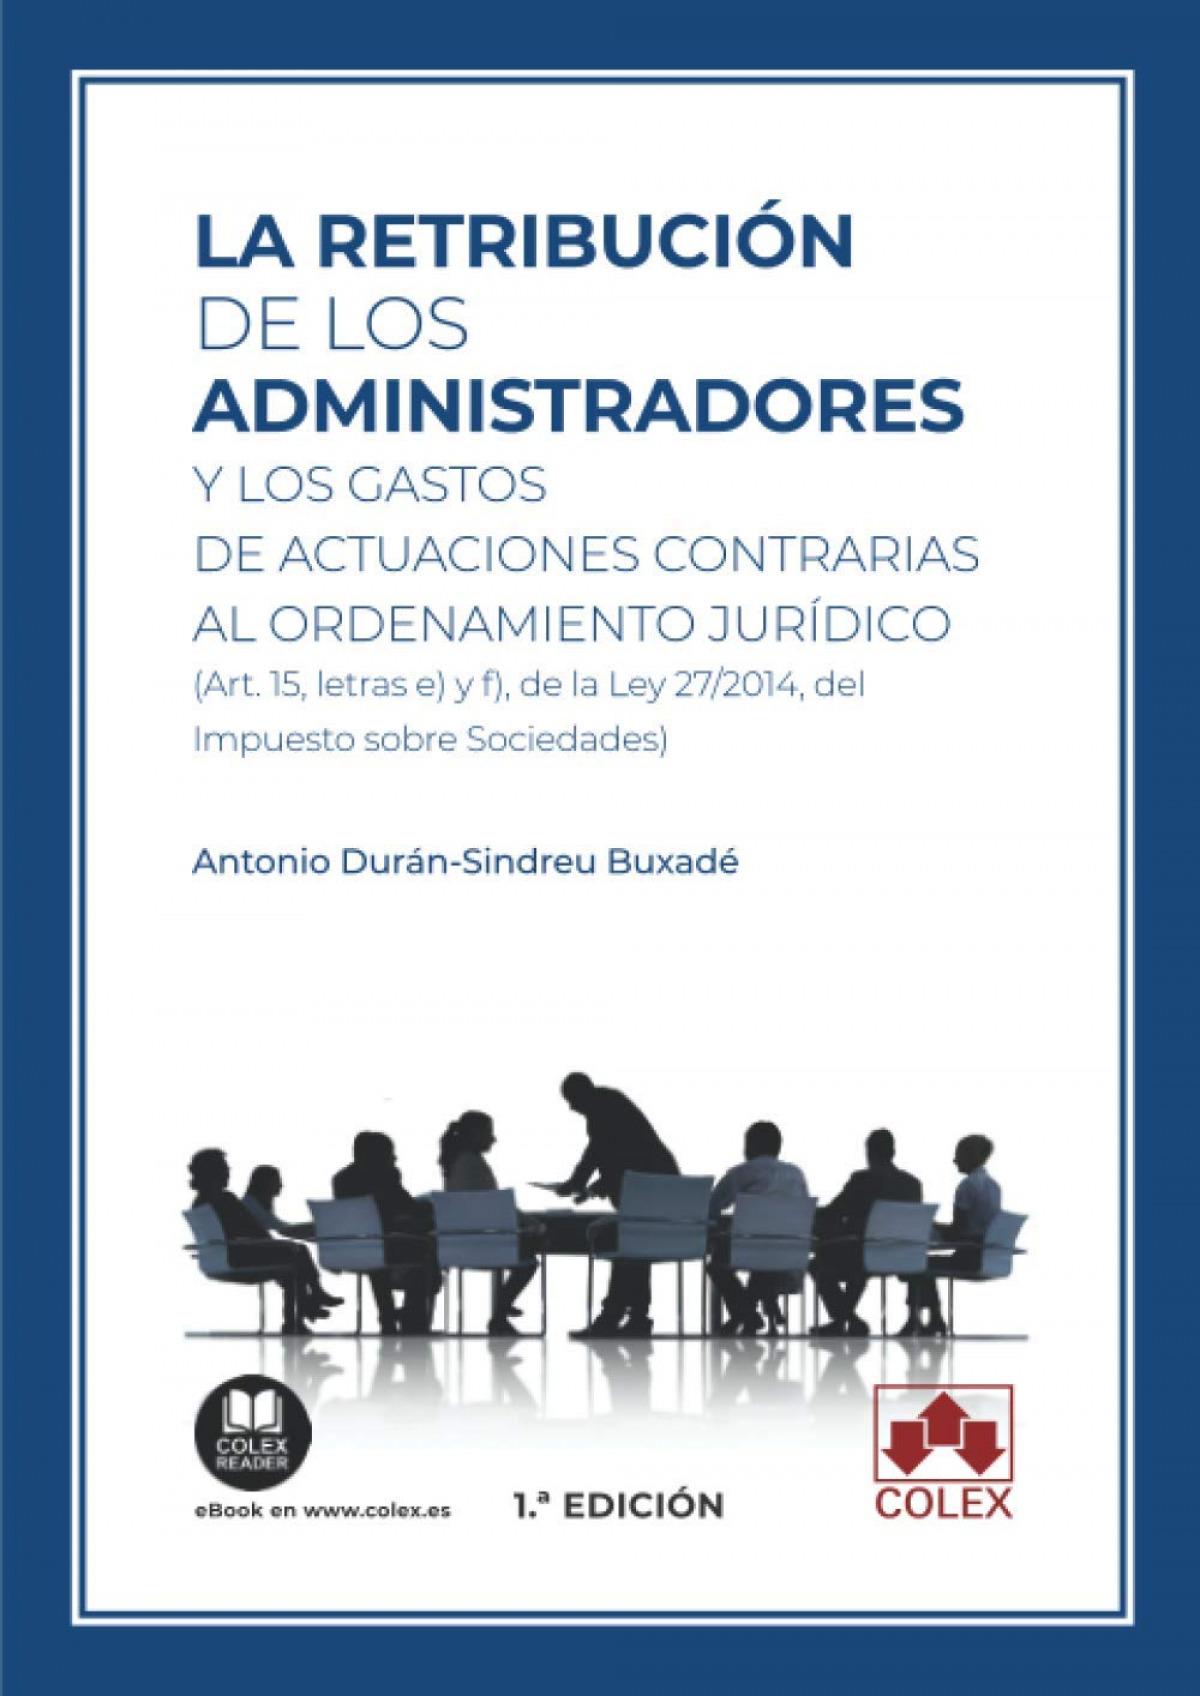 RETRIBUCION DE LOS ADMINISTRADORES Y LOS GASTOS DE ACTUACIONES CONTRARIAS